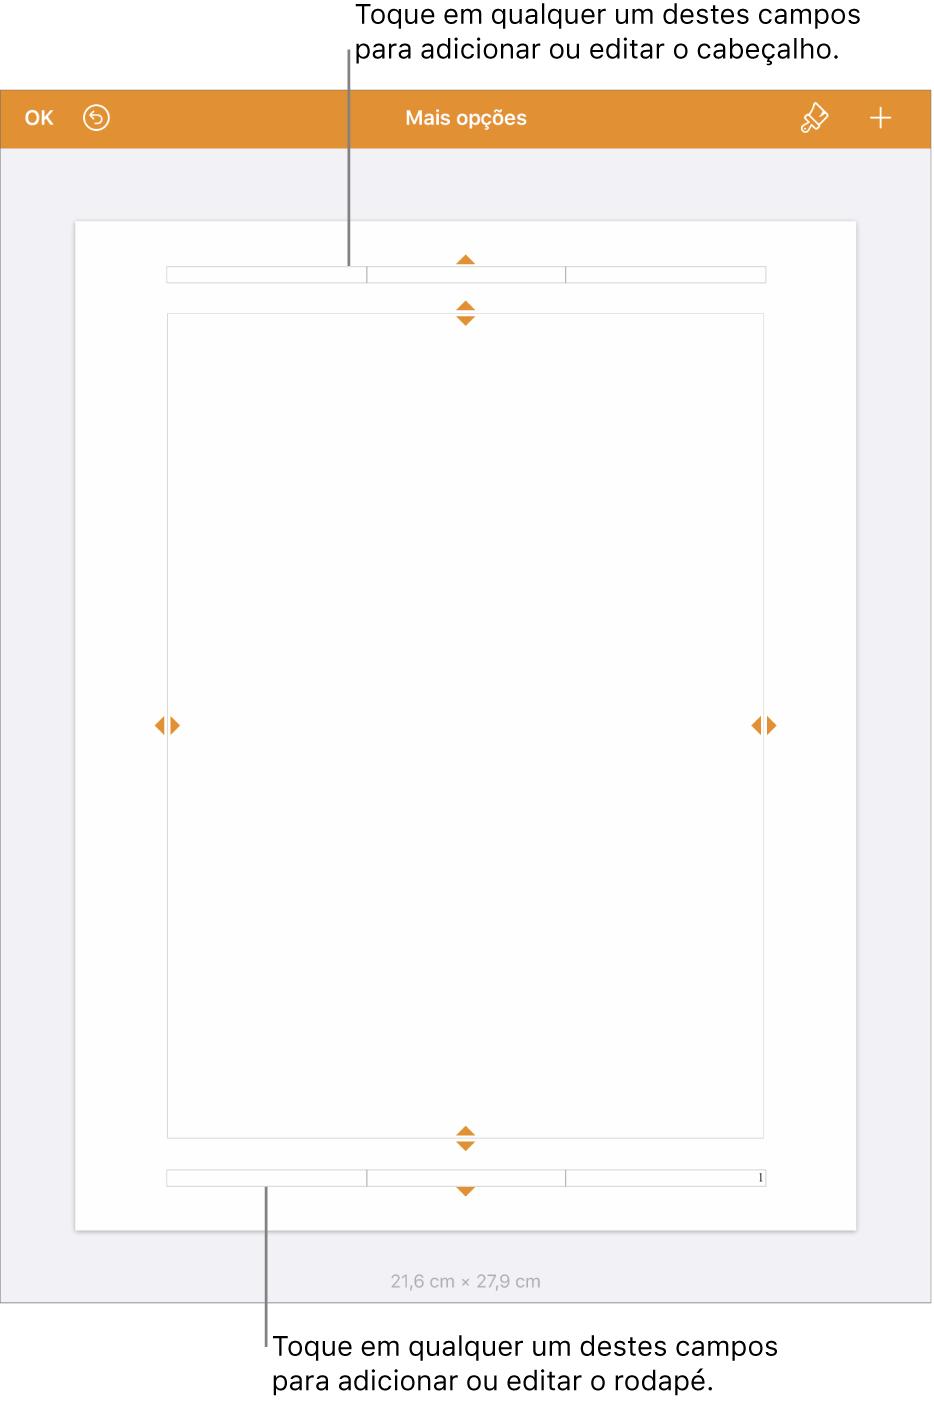 """A vista """"Mais opções"""" com três campos na parte superior do documento para cabeçalhos e três campos na parte inferior para rodapés."""